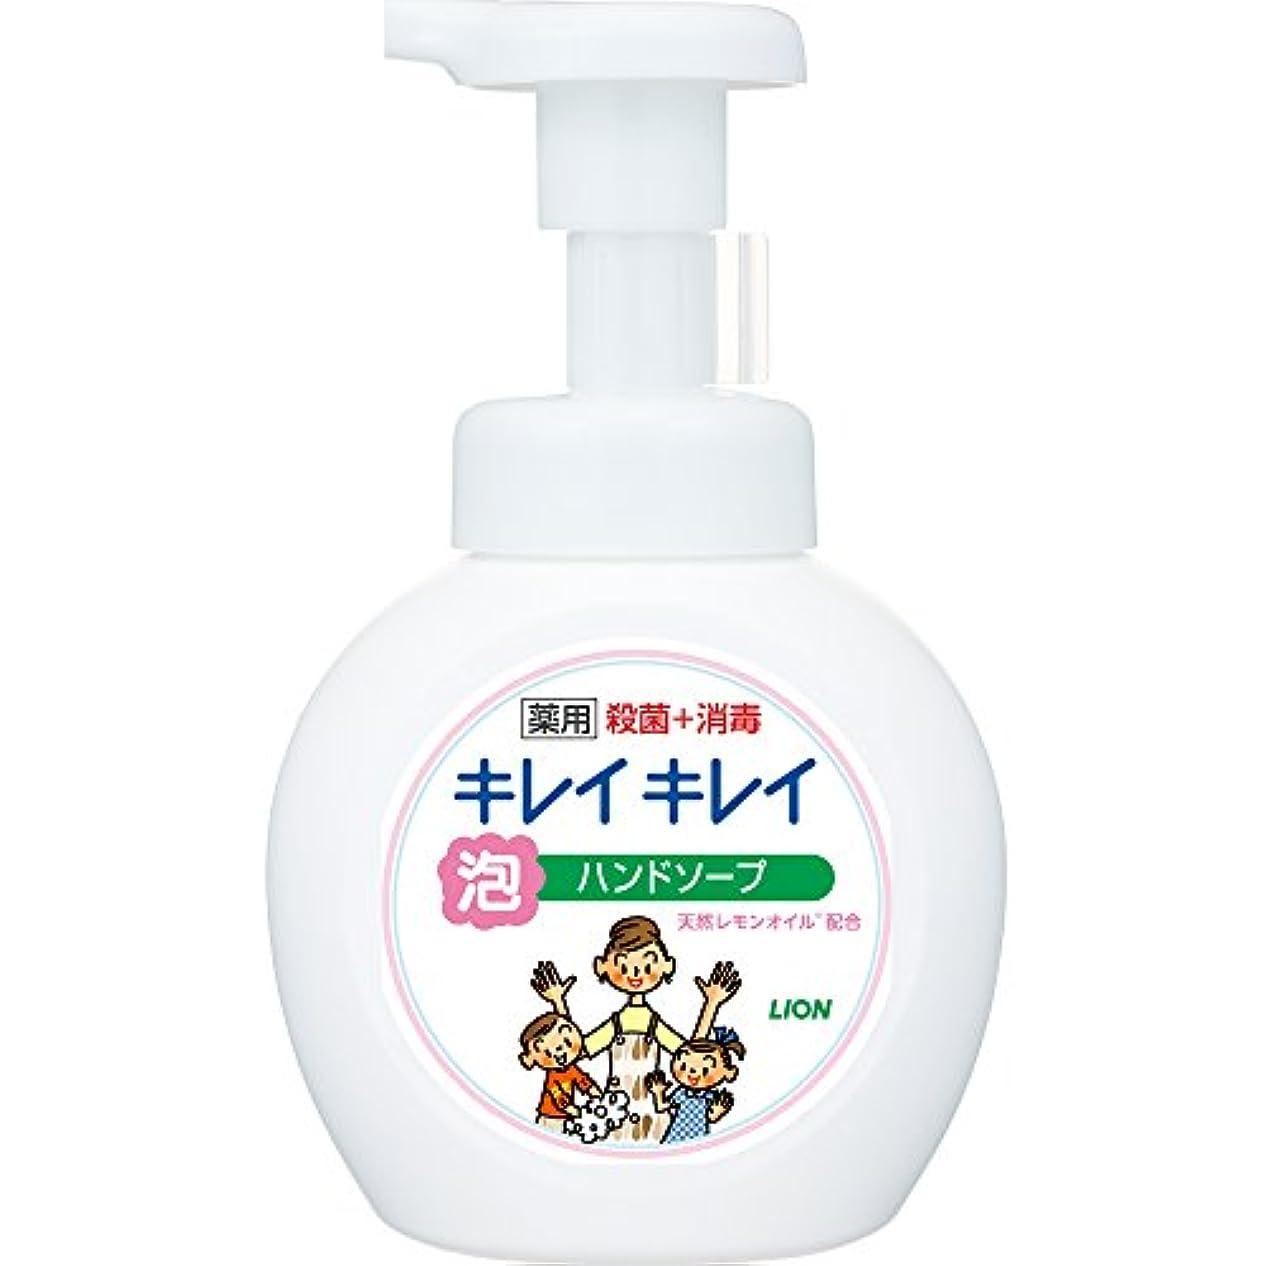 解釈する修理可能オーナーキレイキレイ 薬用 泡ハンドソープ シトラスフルーティの香り 本体ポンプ 250ml(医薬部外品)